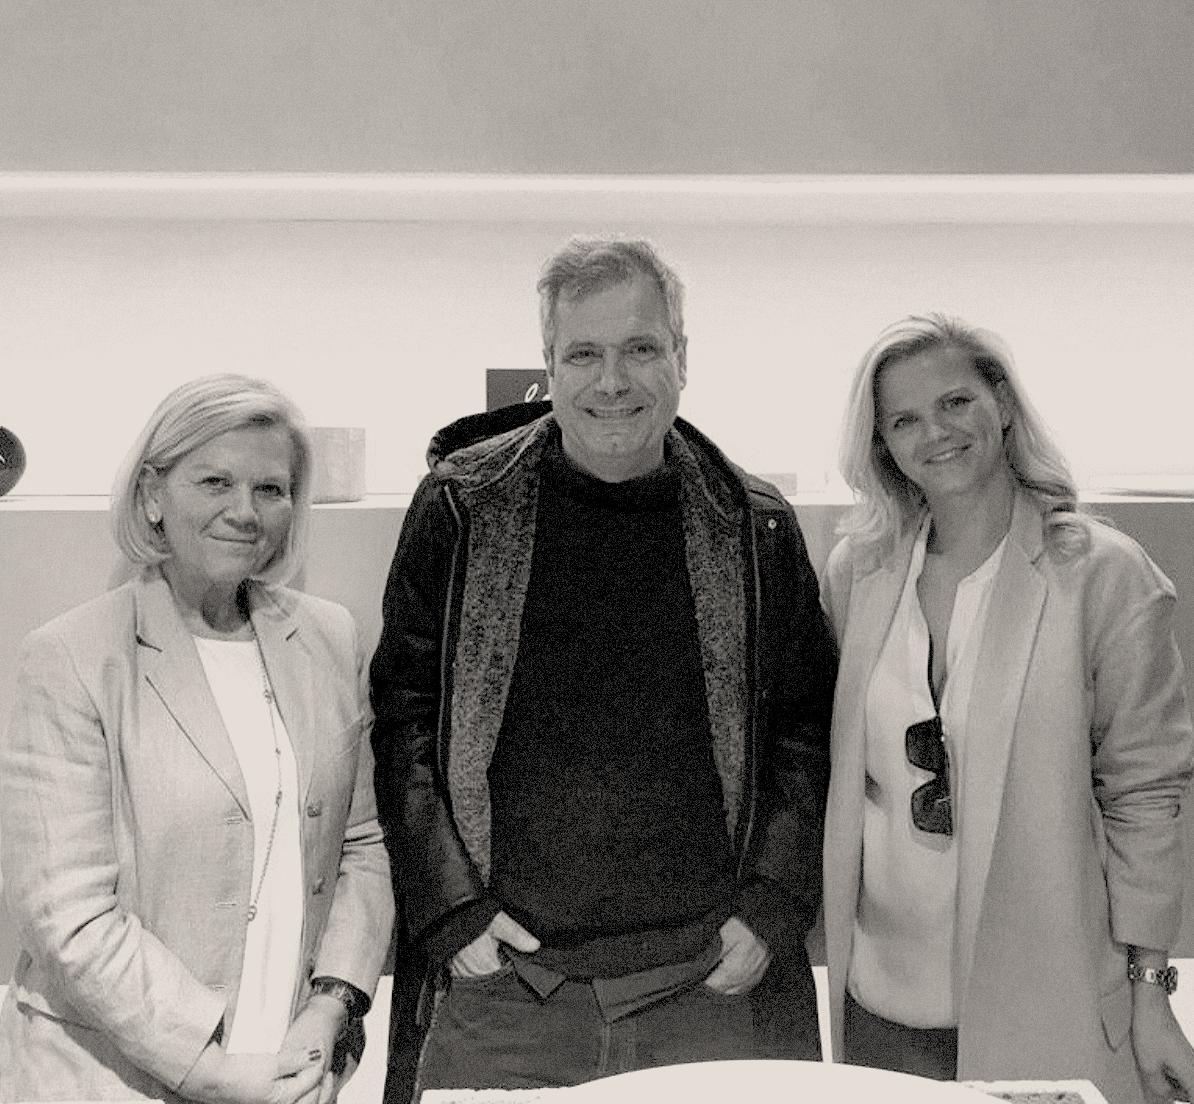 WHEN OBJECTS WORK  Béatrice De La Fontaine, la fondatrice de When Objects Work (à gauche) photographiée avec l'architecte Manuel Aires Mateus et l'architecte Eline Ostyn.   www.whenobjectswork.com